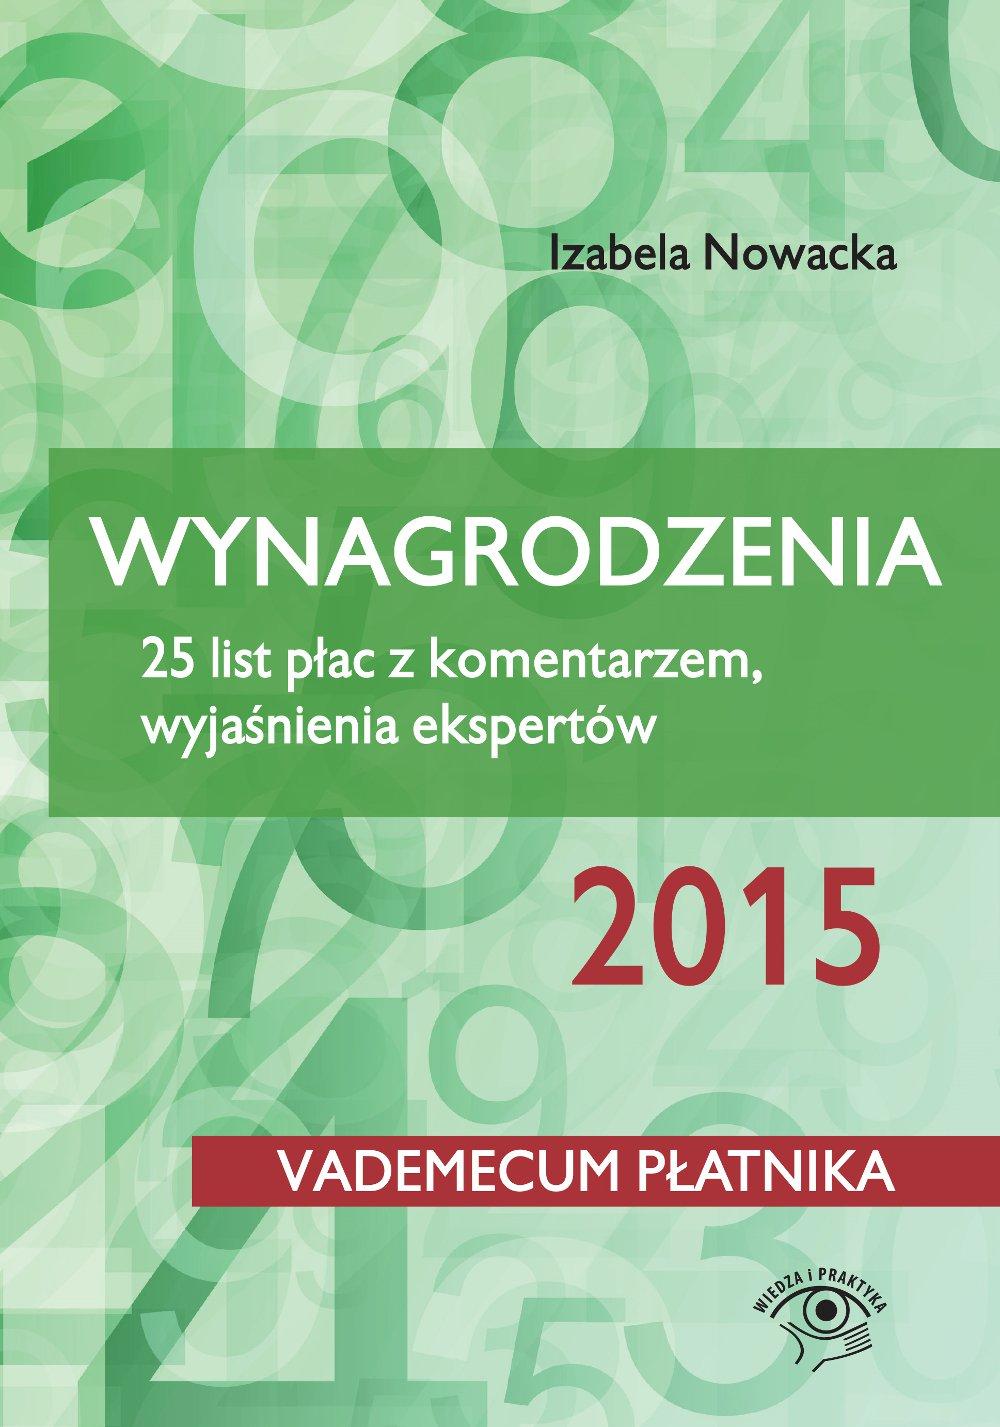 Wynagrodzenia 2015. 25 list płac z komentarzem, wyjaśnienia ekspertów - Ebook (Książka PDF) do pobrania w formacie PDF